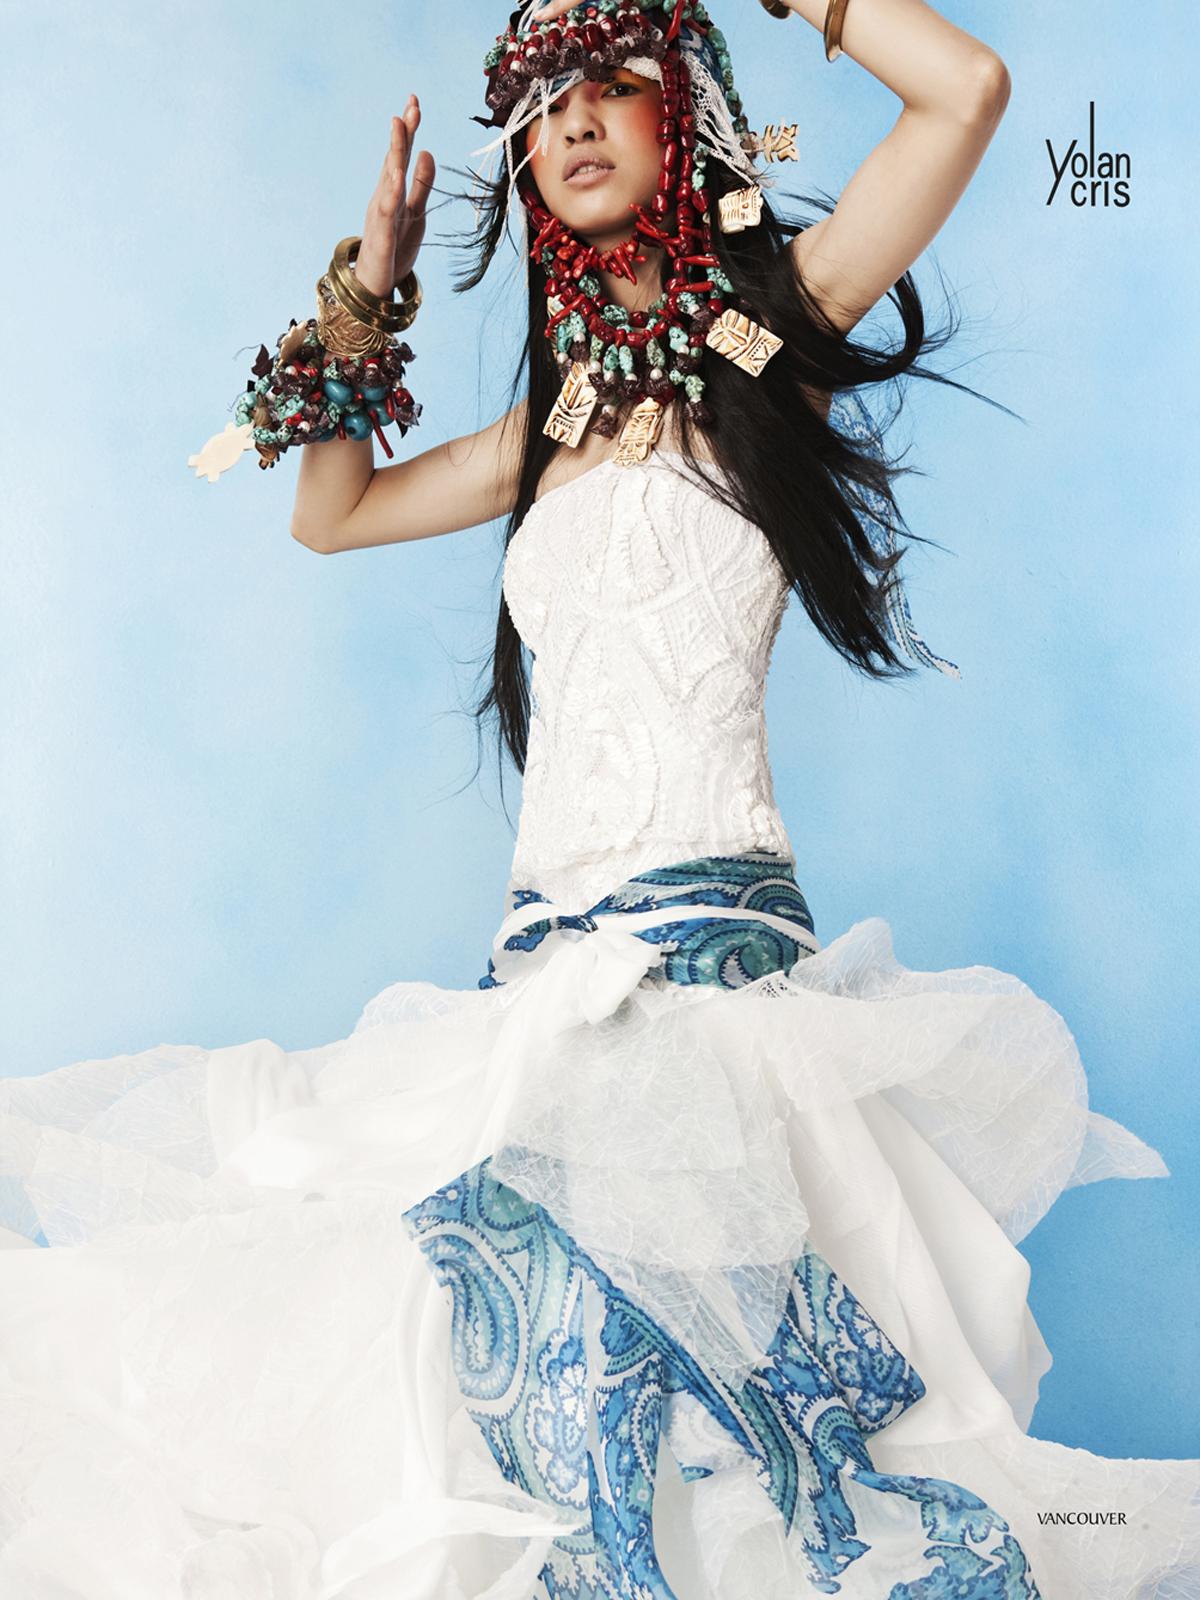 Vestidos de novia Yolan Cris New Sun | Bodas